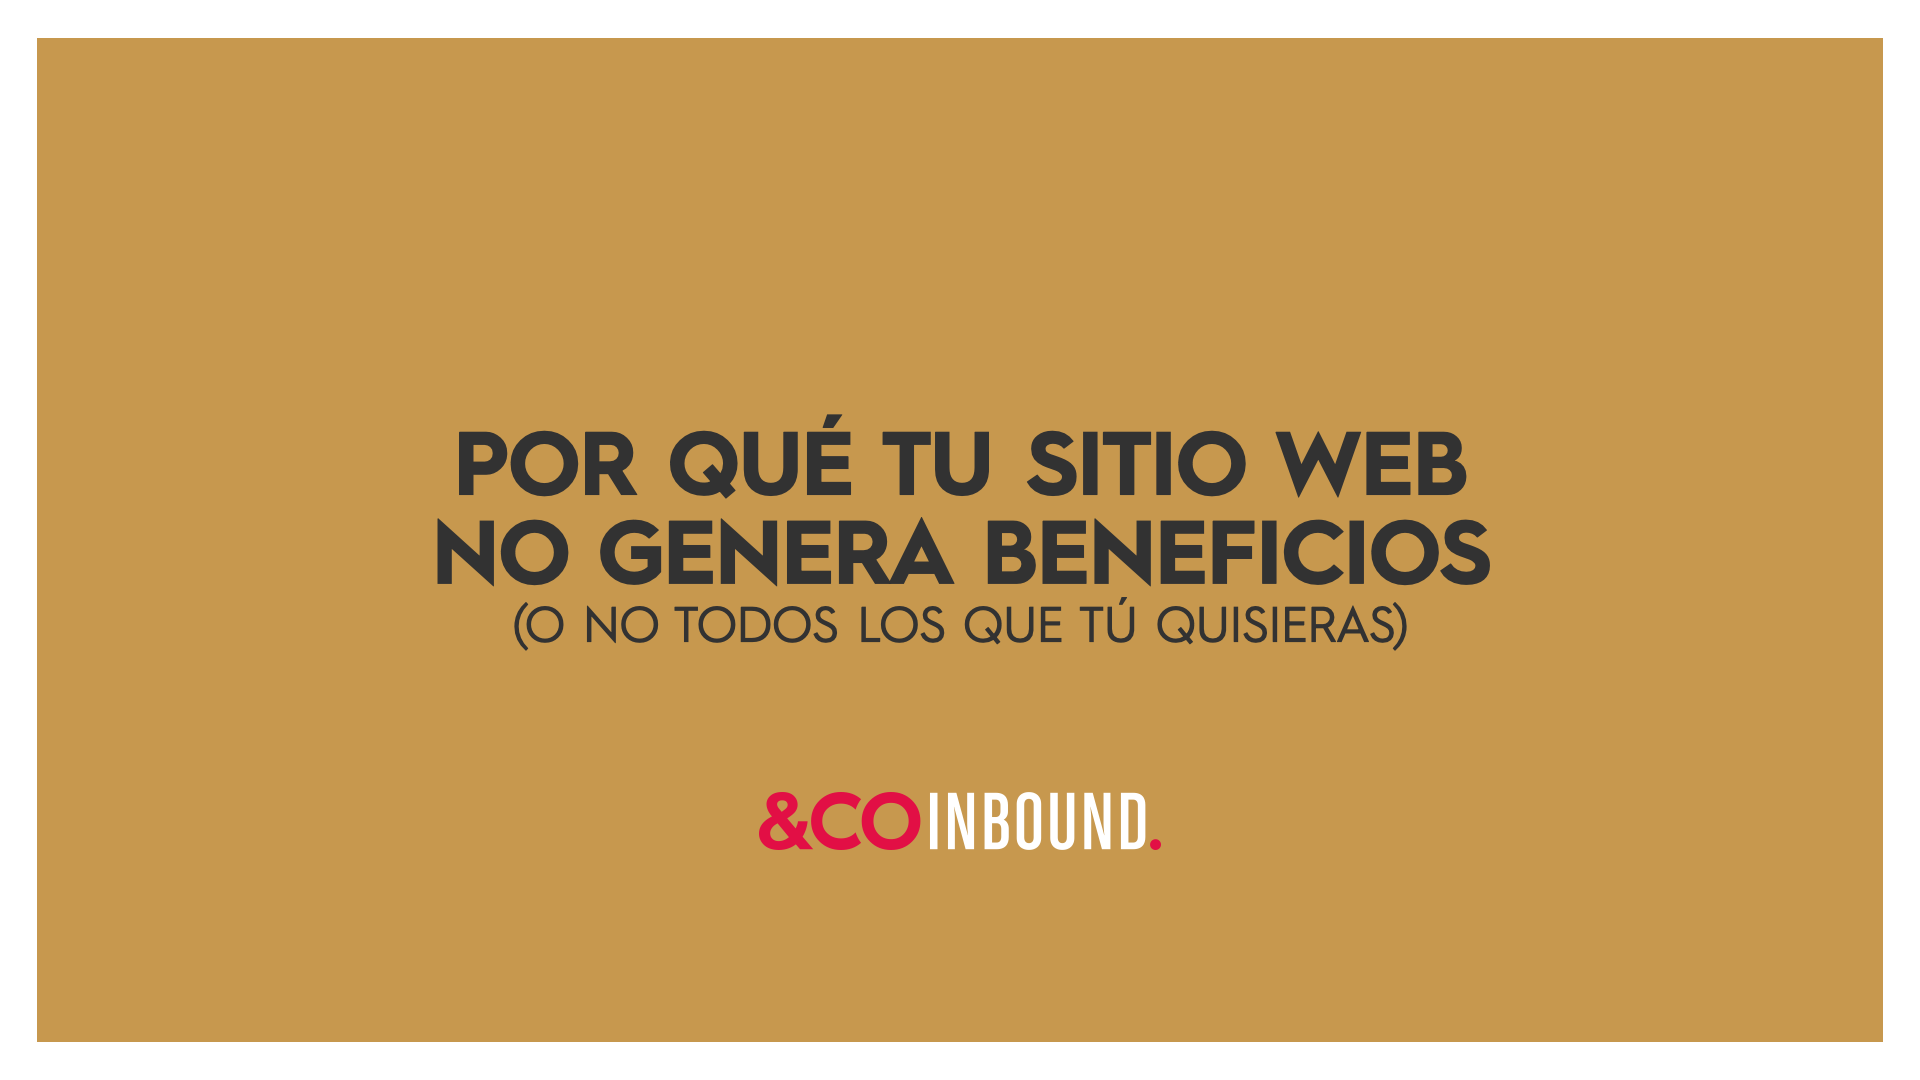 Por qué tu sitio web no genera beneficios